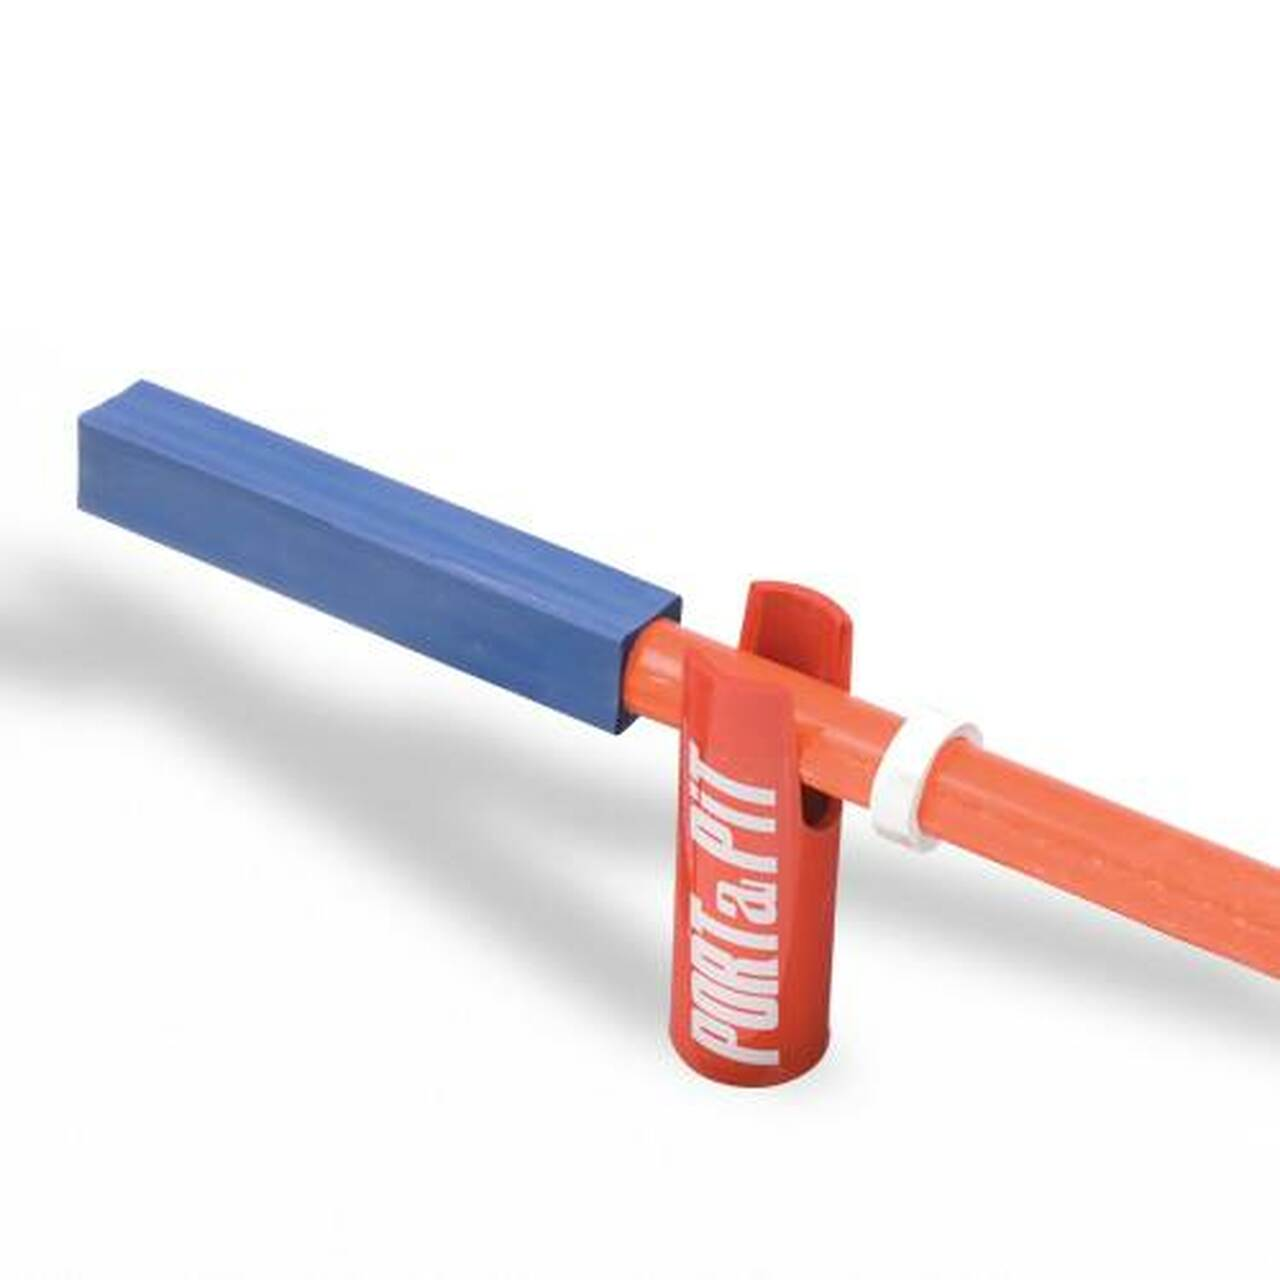 Gadget Bar Lifter